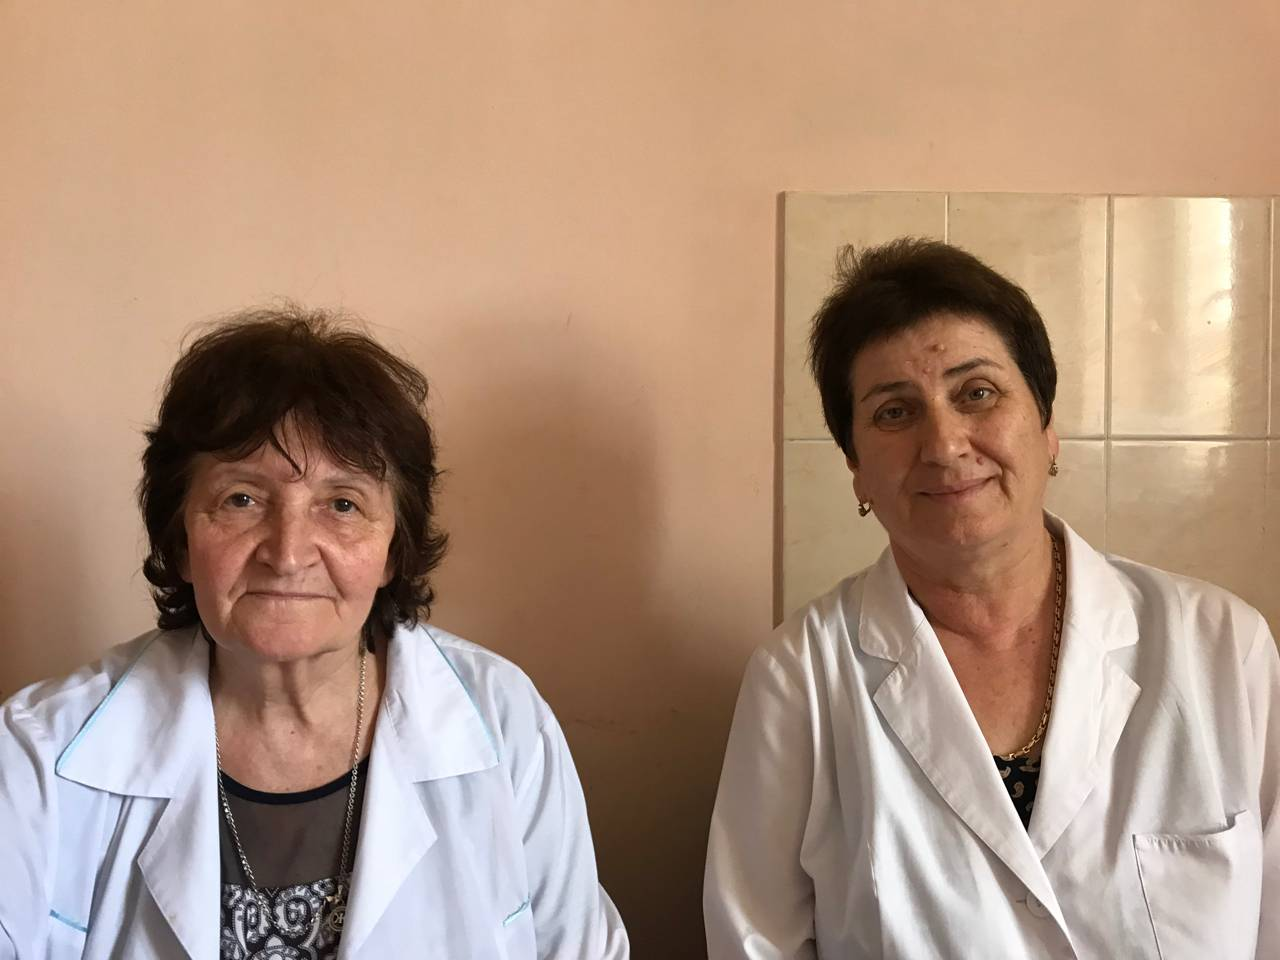 Медсестра цхинвальской «скорой» Жанна Котаева и врач Дуня Хасиева